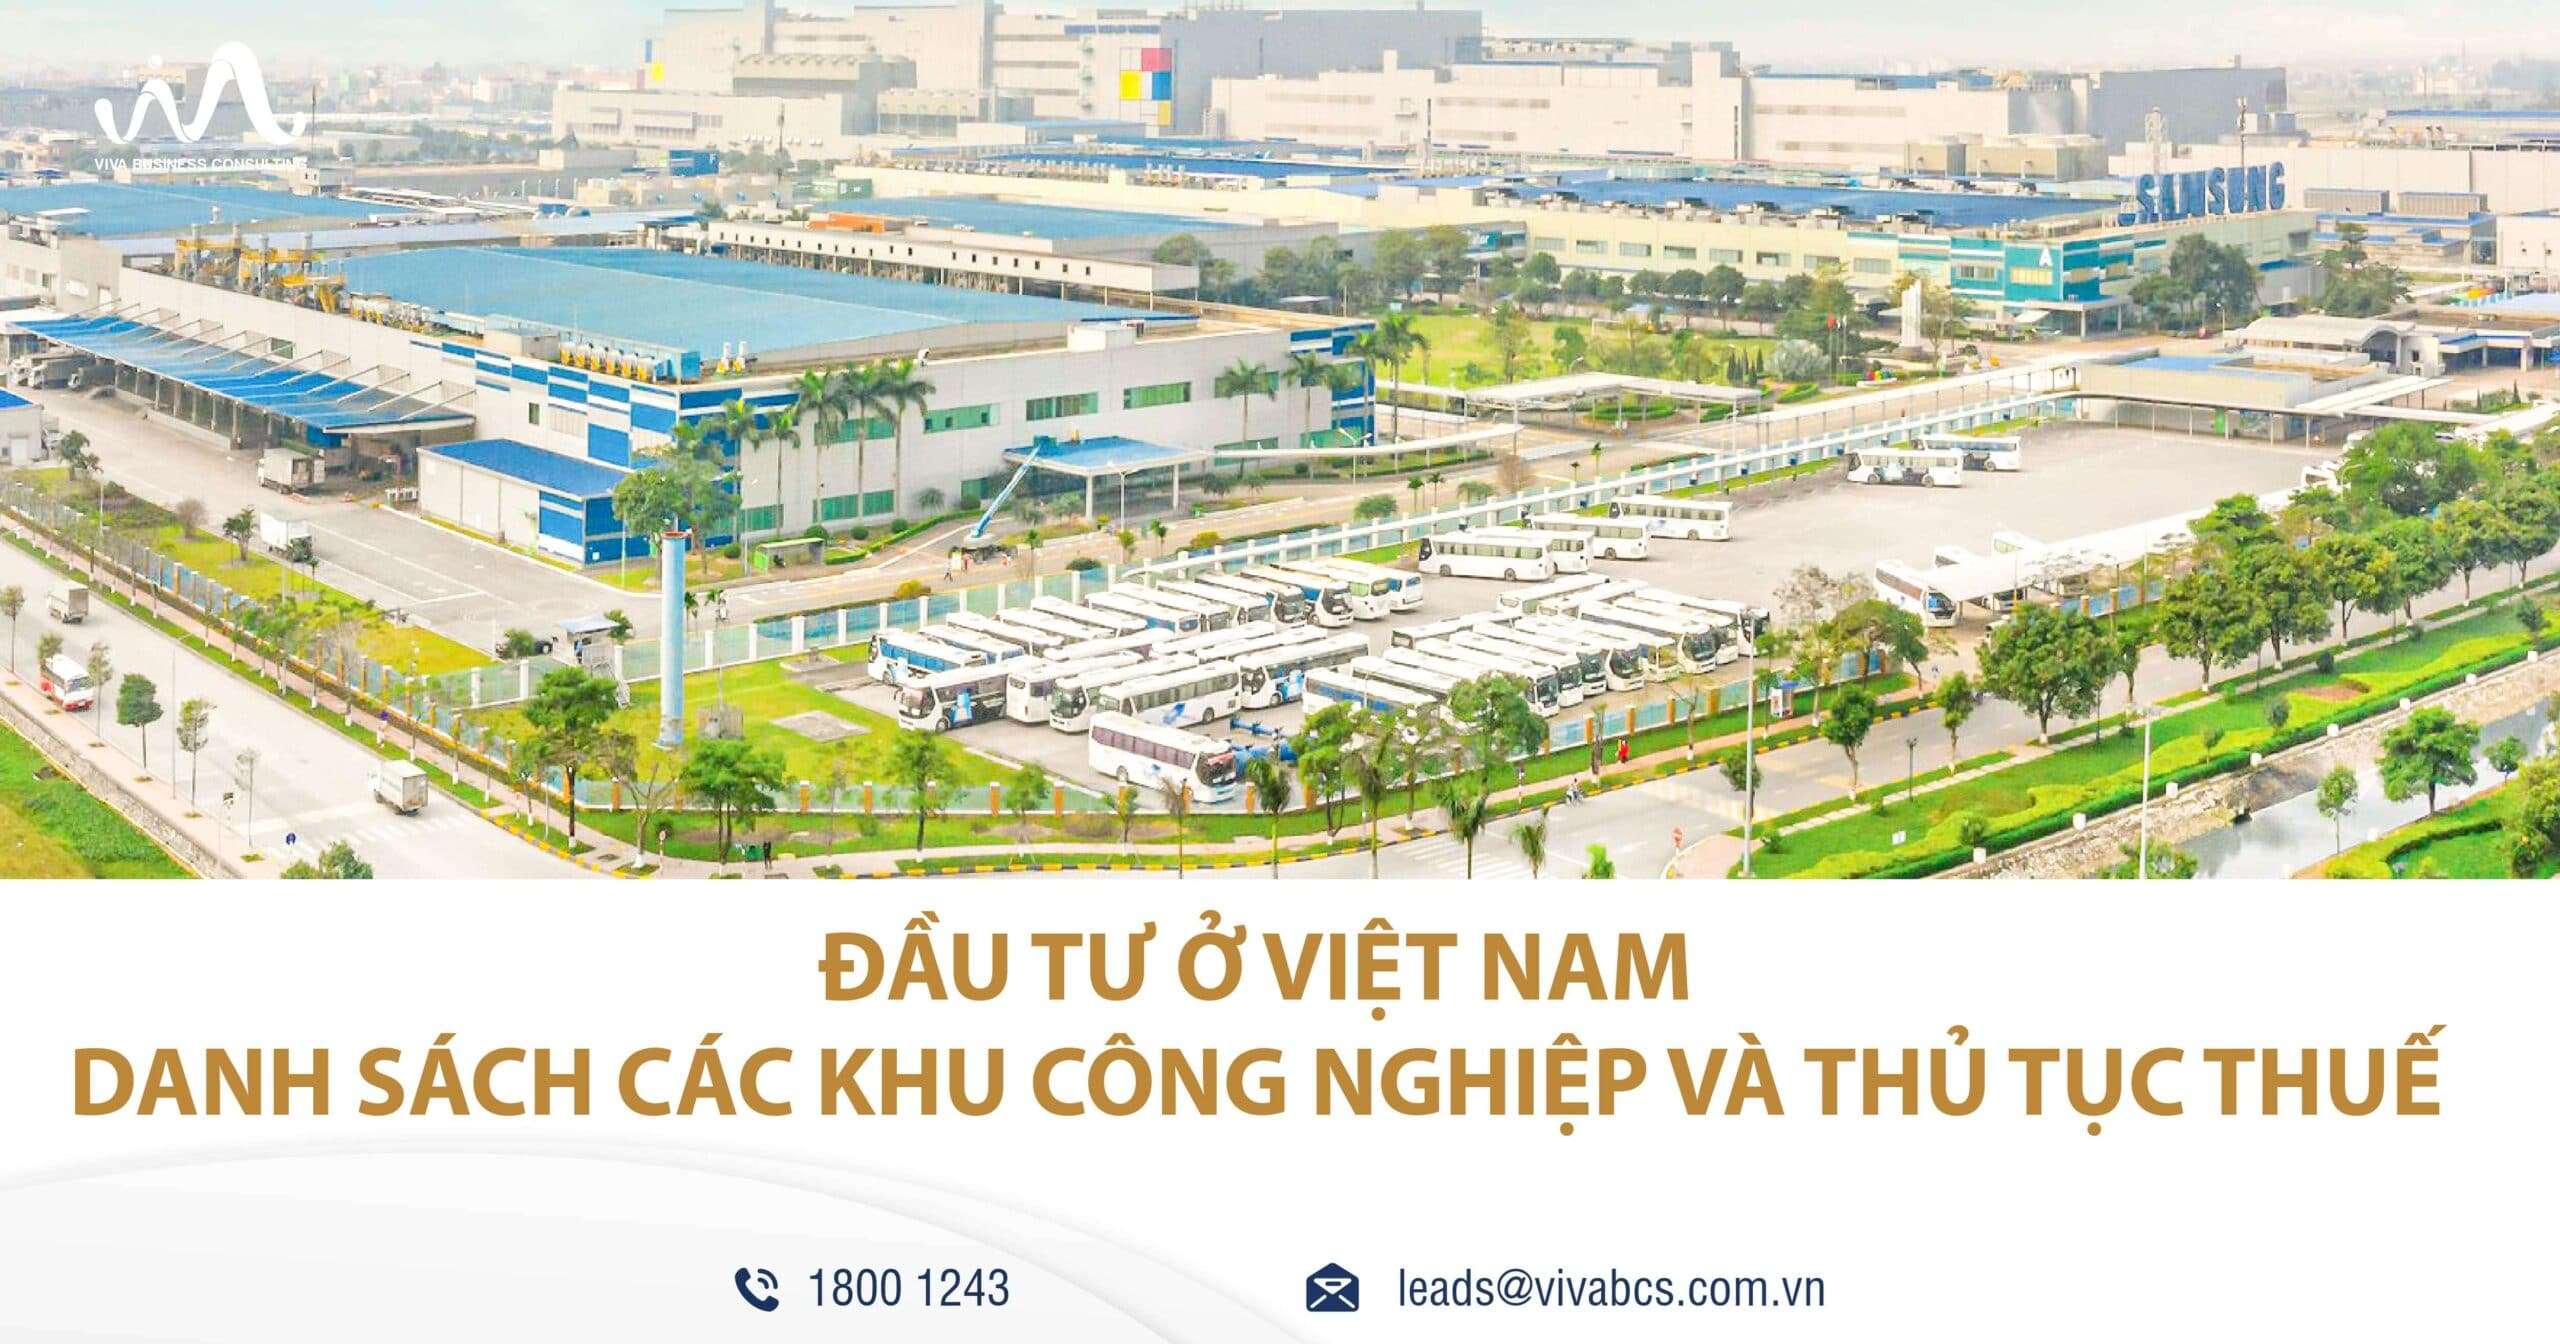 Đầu tư ở Việt Nam - các khu công nghiệp